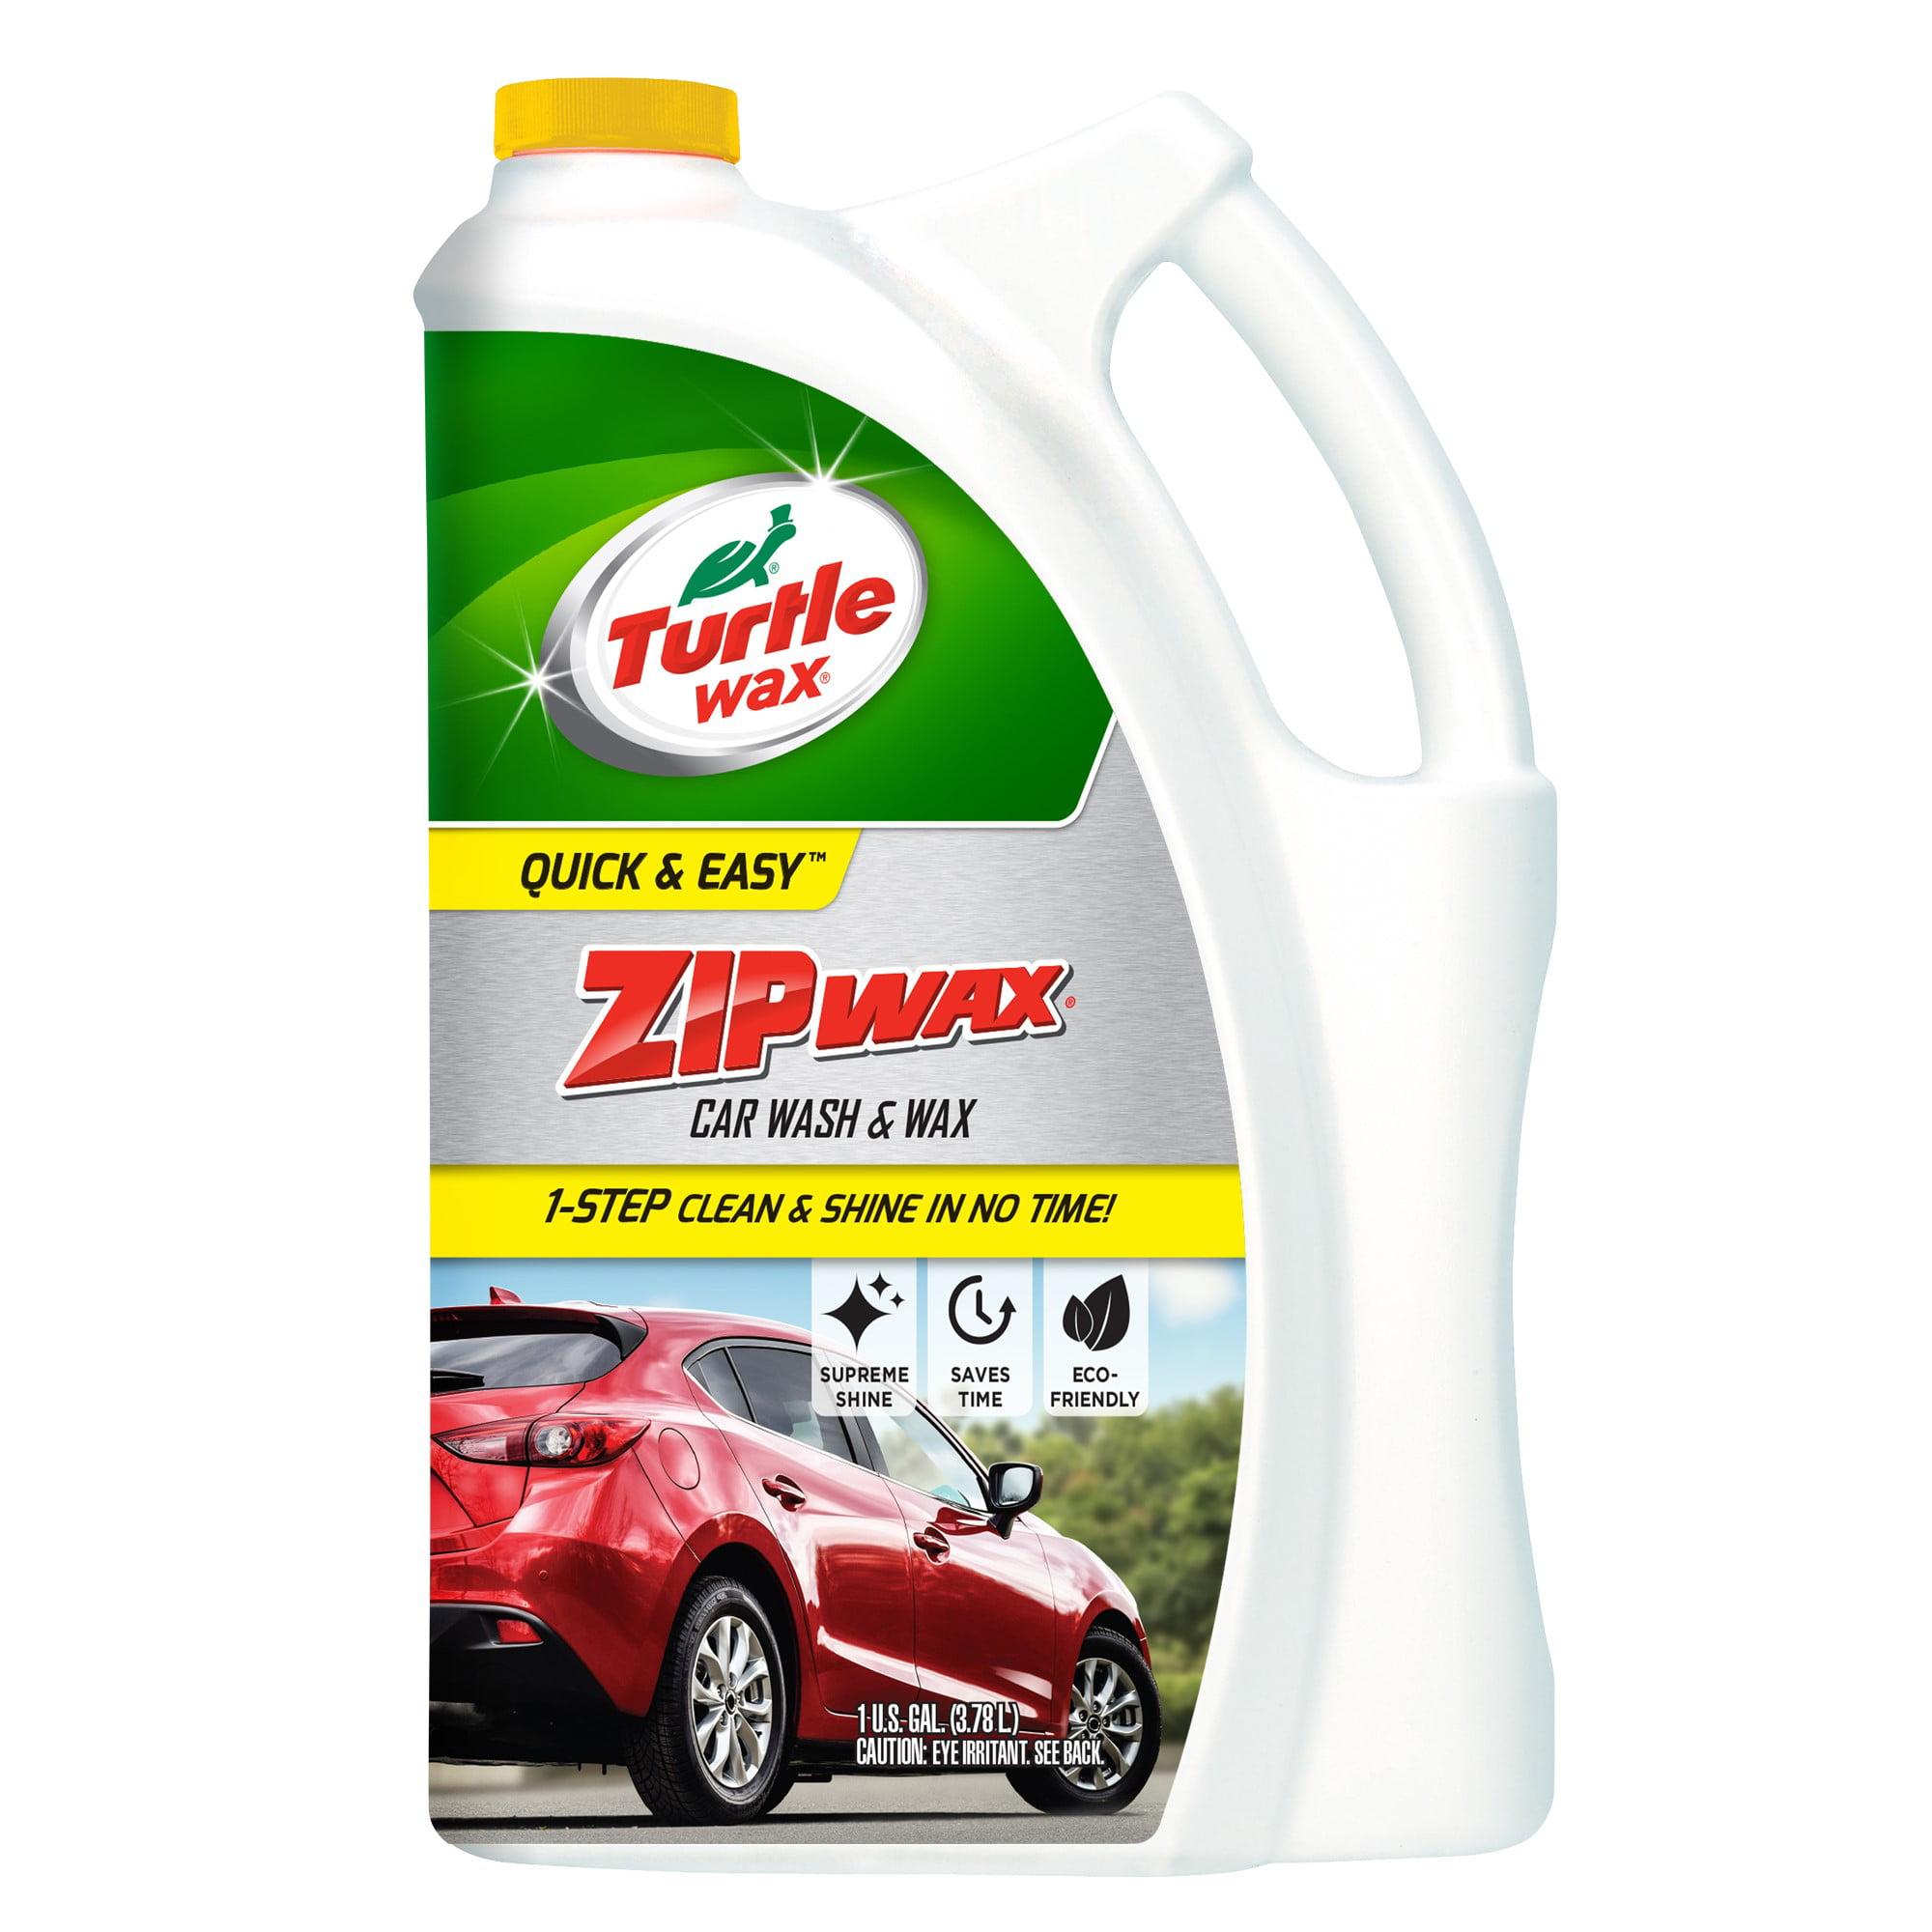 Turtle Wax Zip Wax Car Wash Walmart Com